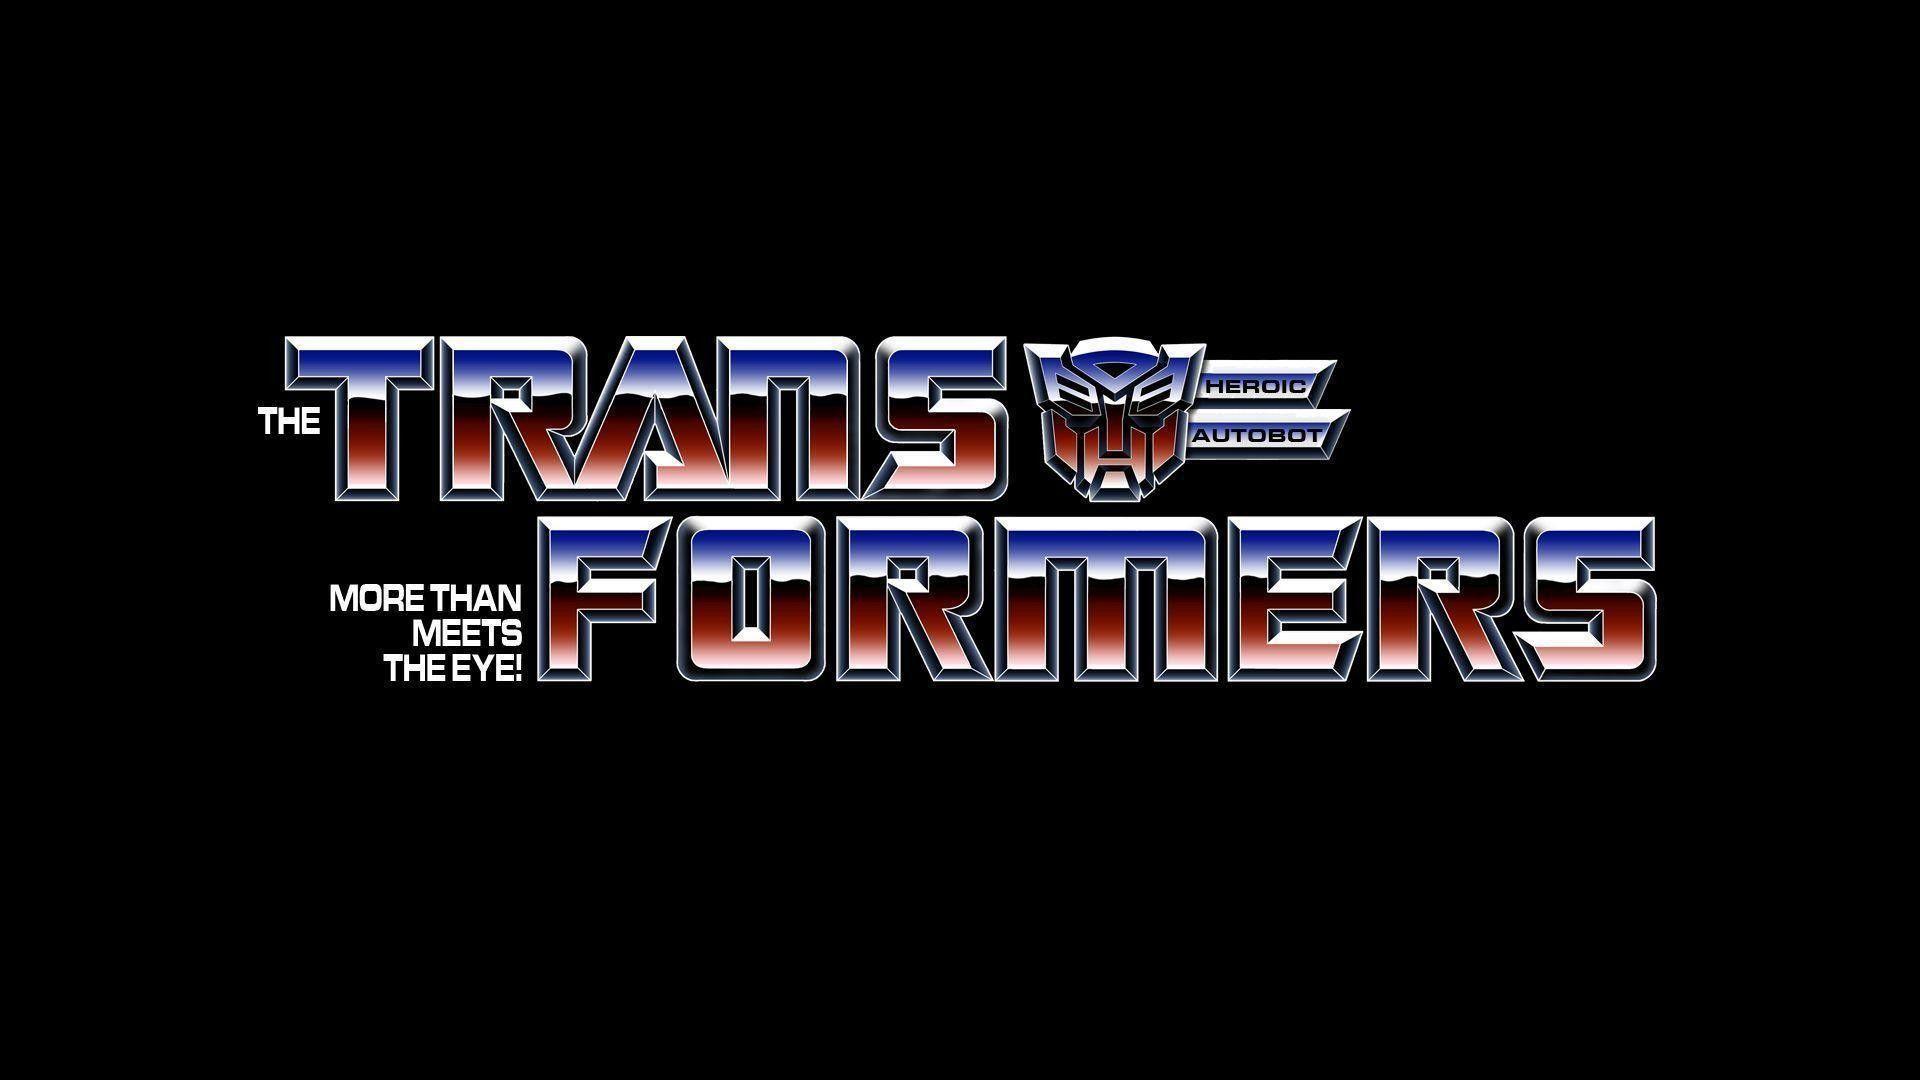 Transformer Logo Wallpapers Top Free Transformer Logo